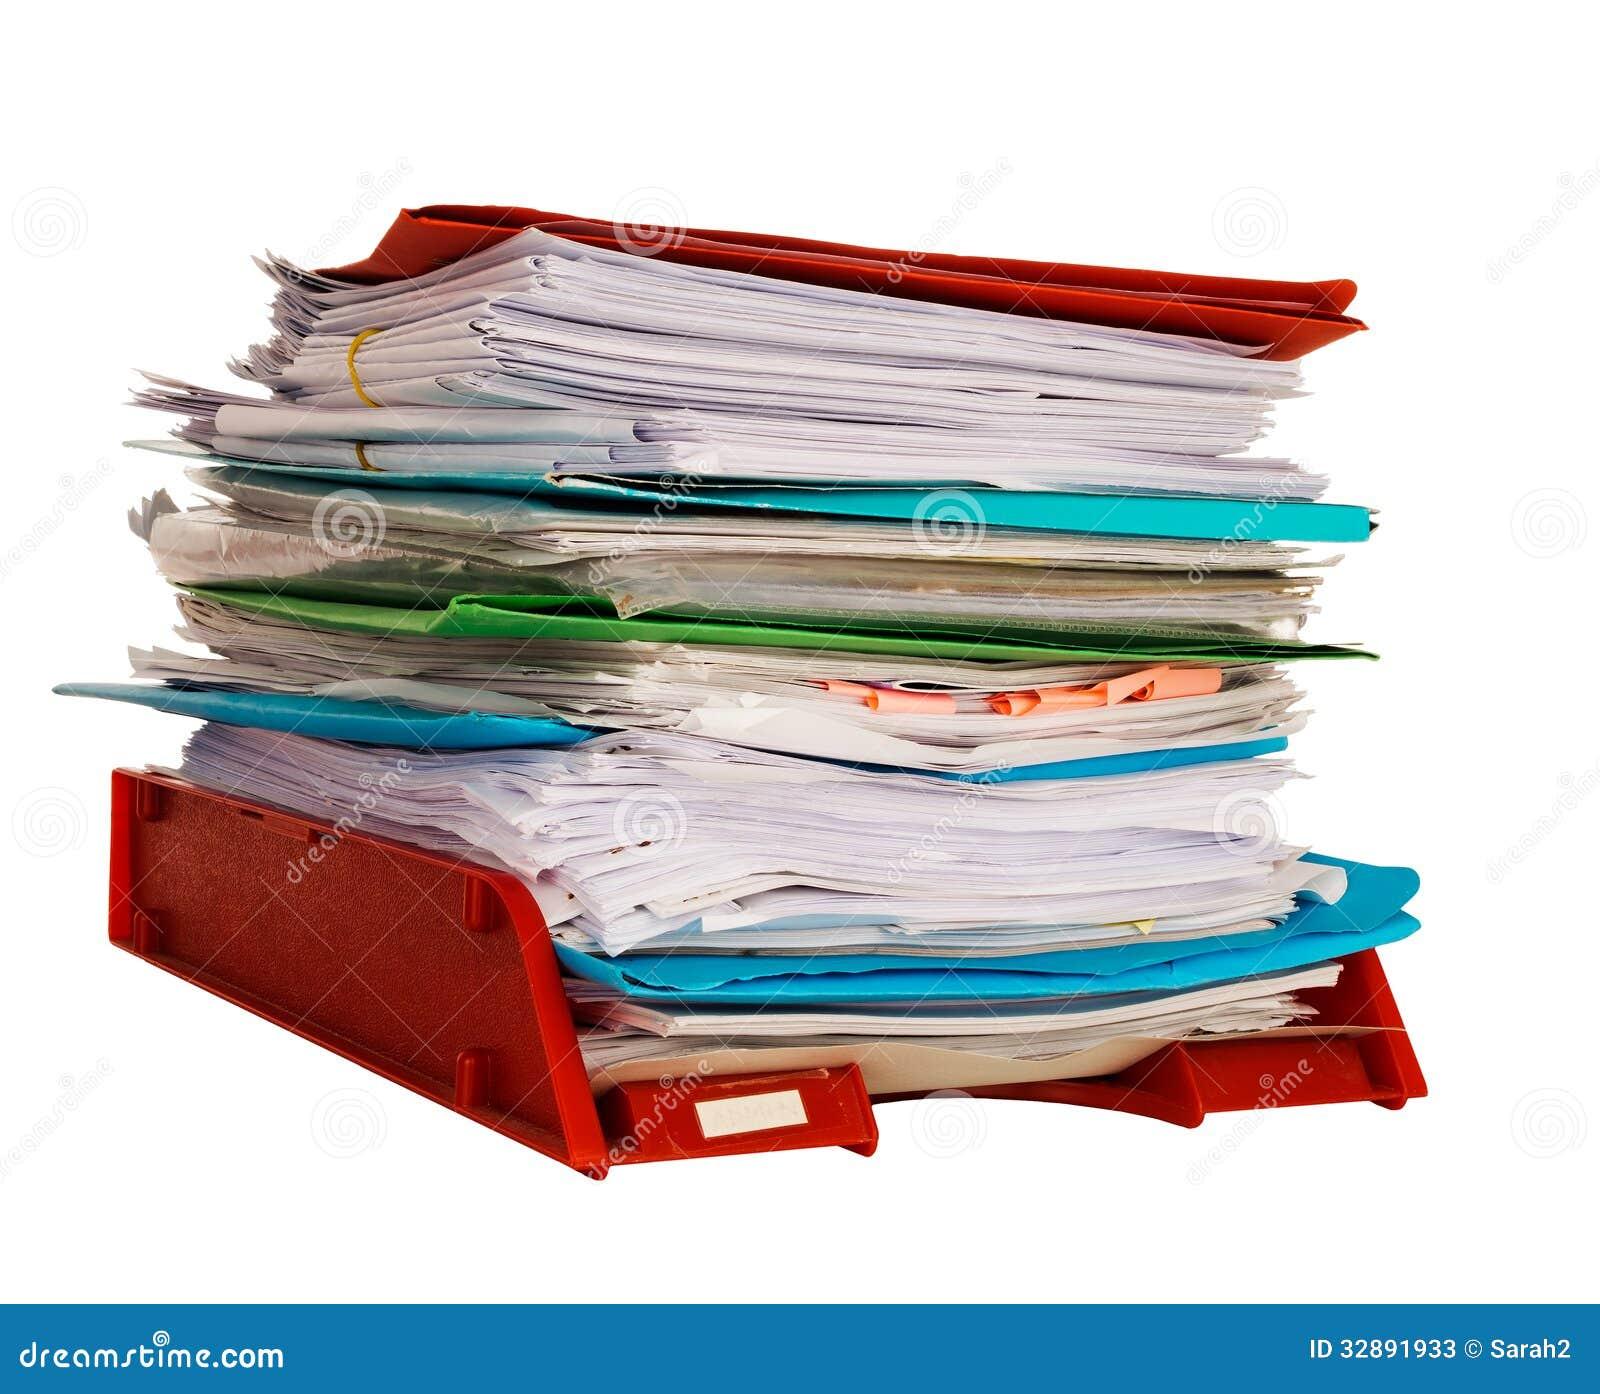 Aka δίσκων με εισερχόμενα διοίκησης γραφείων στο δίσκο που απομονώνεται πέρα από το λευκό